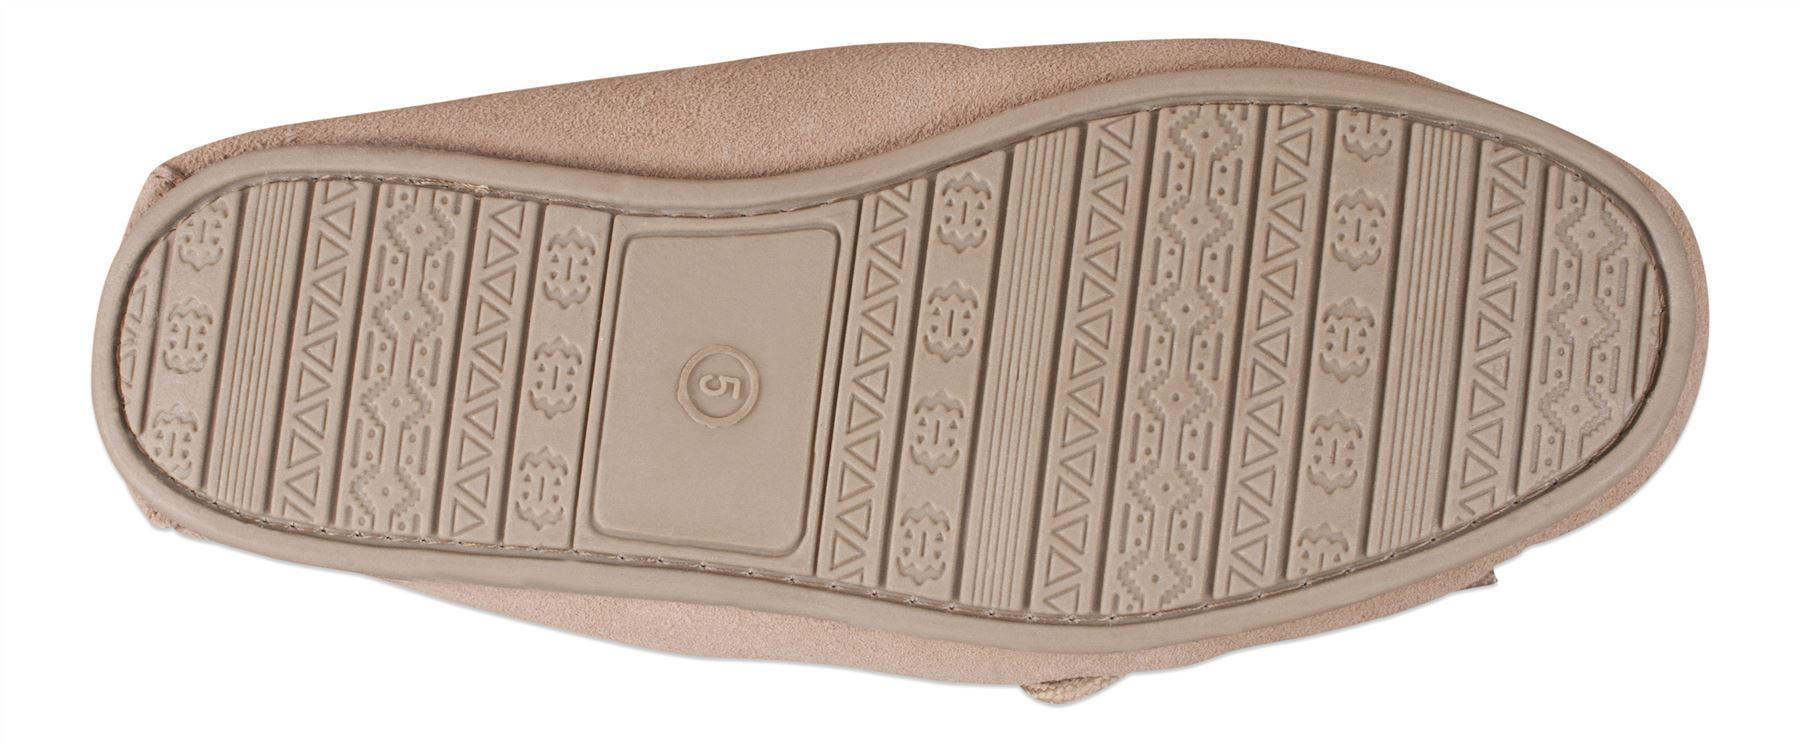 Nordvek-donna-in-tessuto-foderato-Pelle-Di-Pecora-Pantofole-Mocassino-in-Pelle-scamosciata-suola